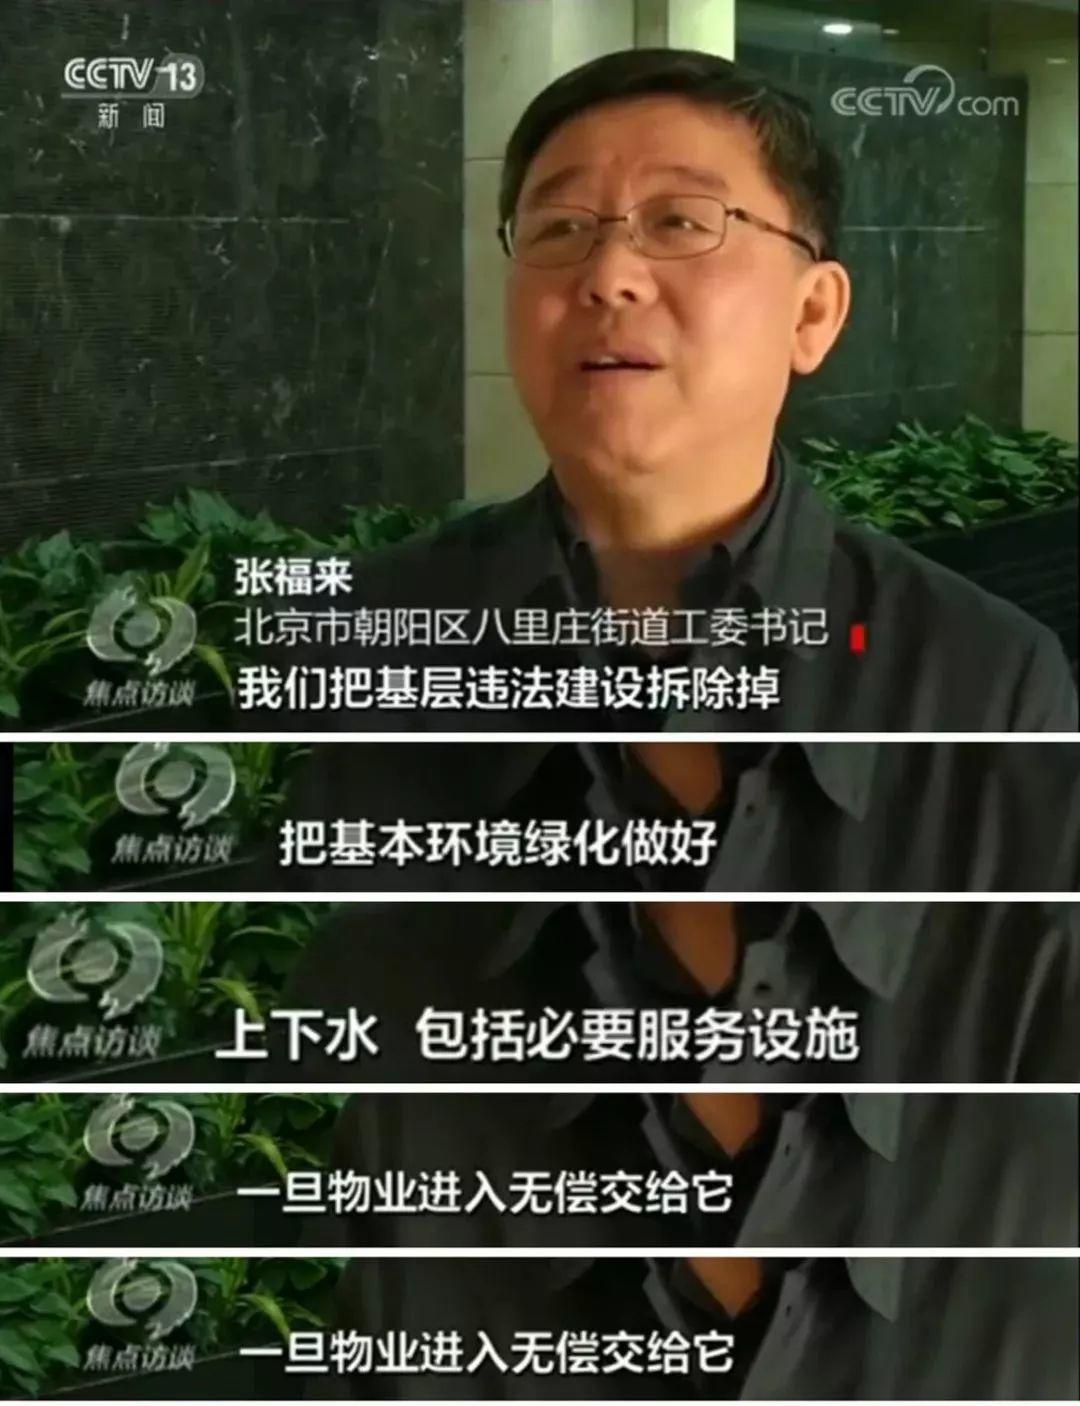 沈建忠:城市治理中的物业管理专业价值